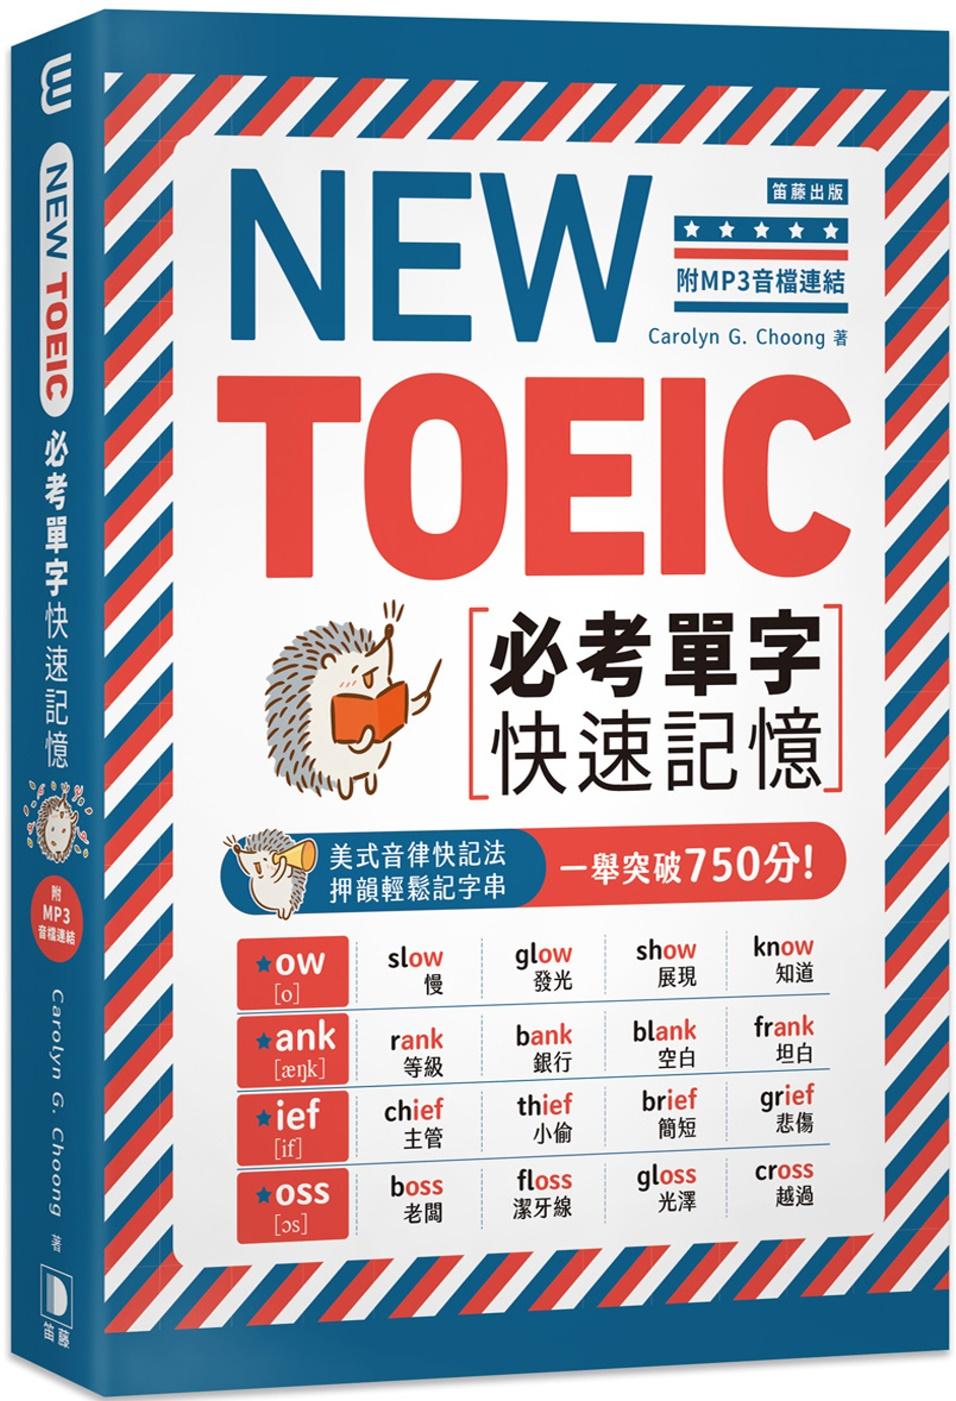 NEW TOEIC必考單字快速記憶(附MP3音檔連結):美式音律快記法, 押韻輕鬆記字串, 一舉突破750分!